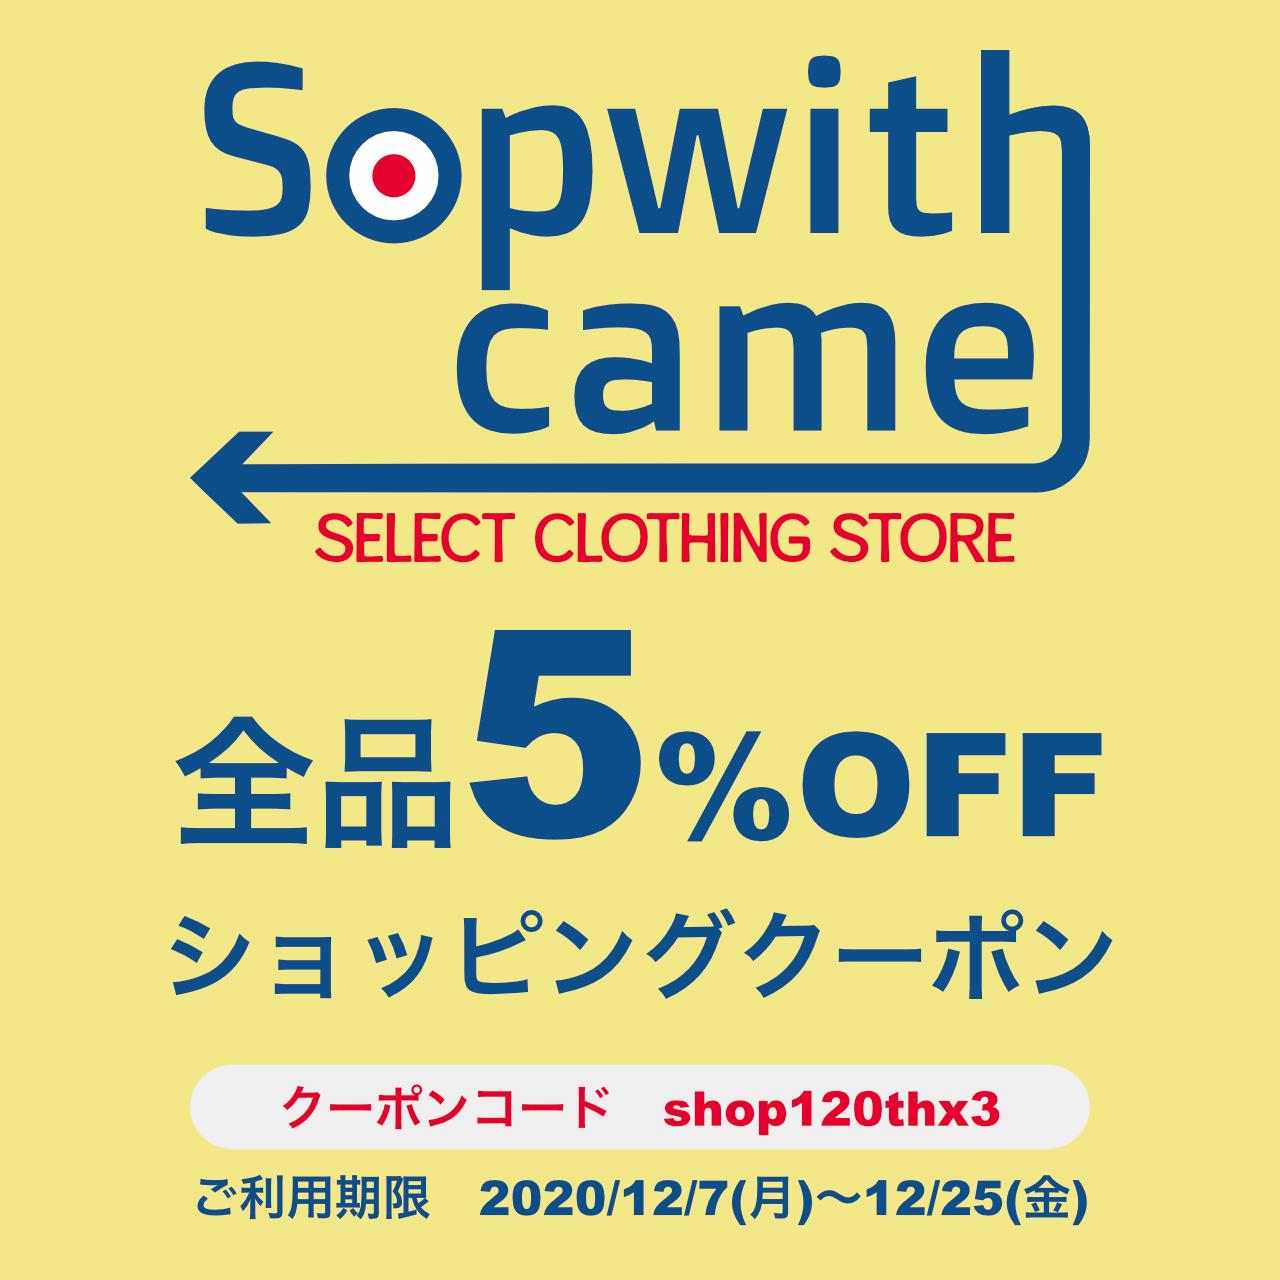 12/7(月)〜12/25(金)まで!全品5%OFF【クーポンコード:shop120thx3】